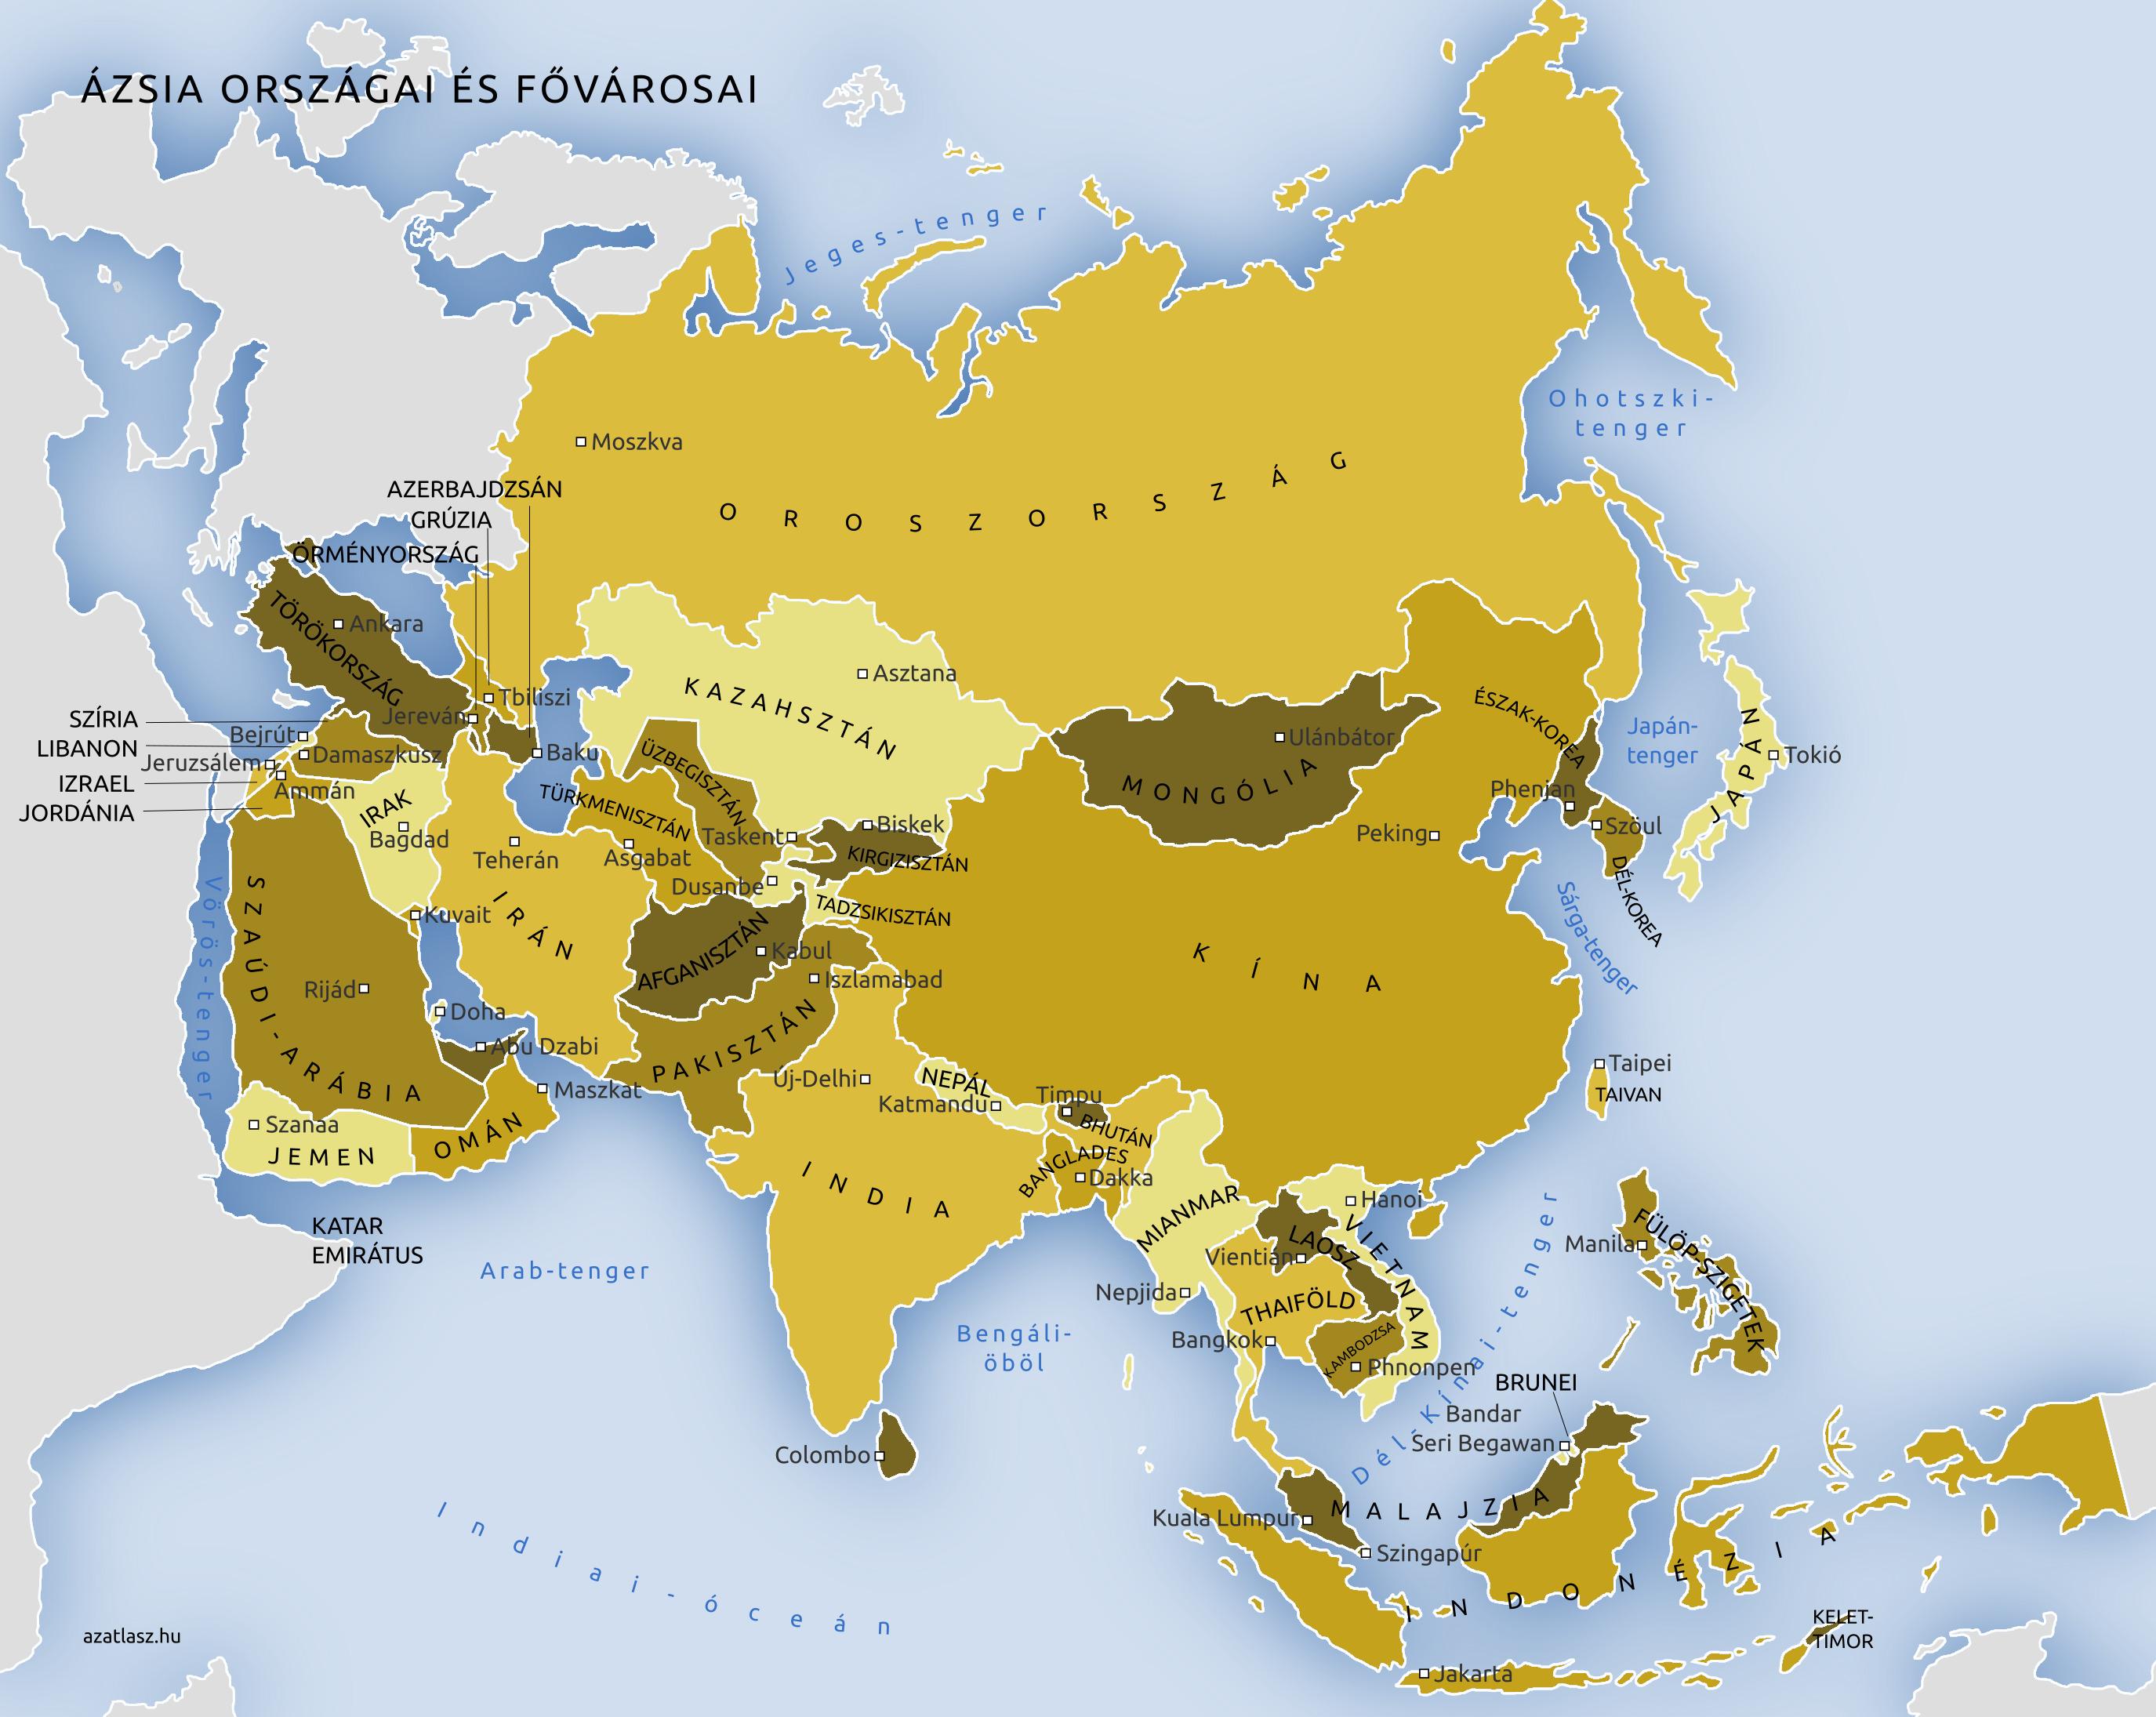 amerika országai és fővárosai térkép Atlasz amerika országai és fővárosai térkép